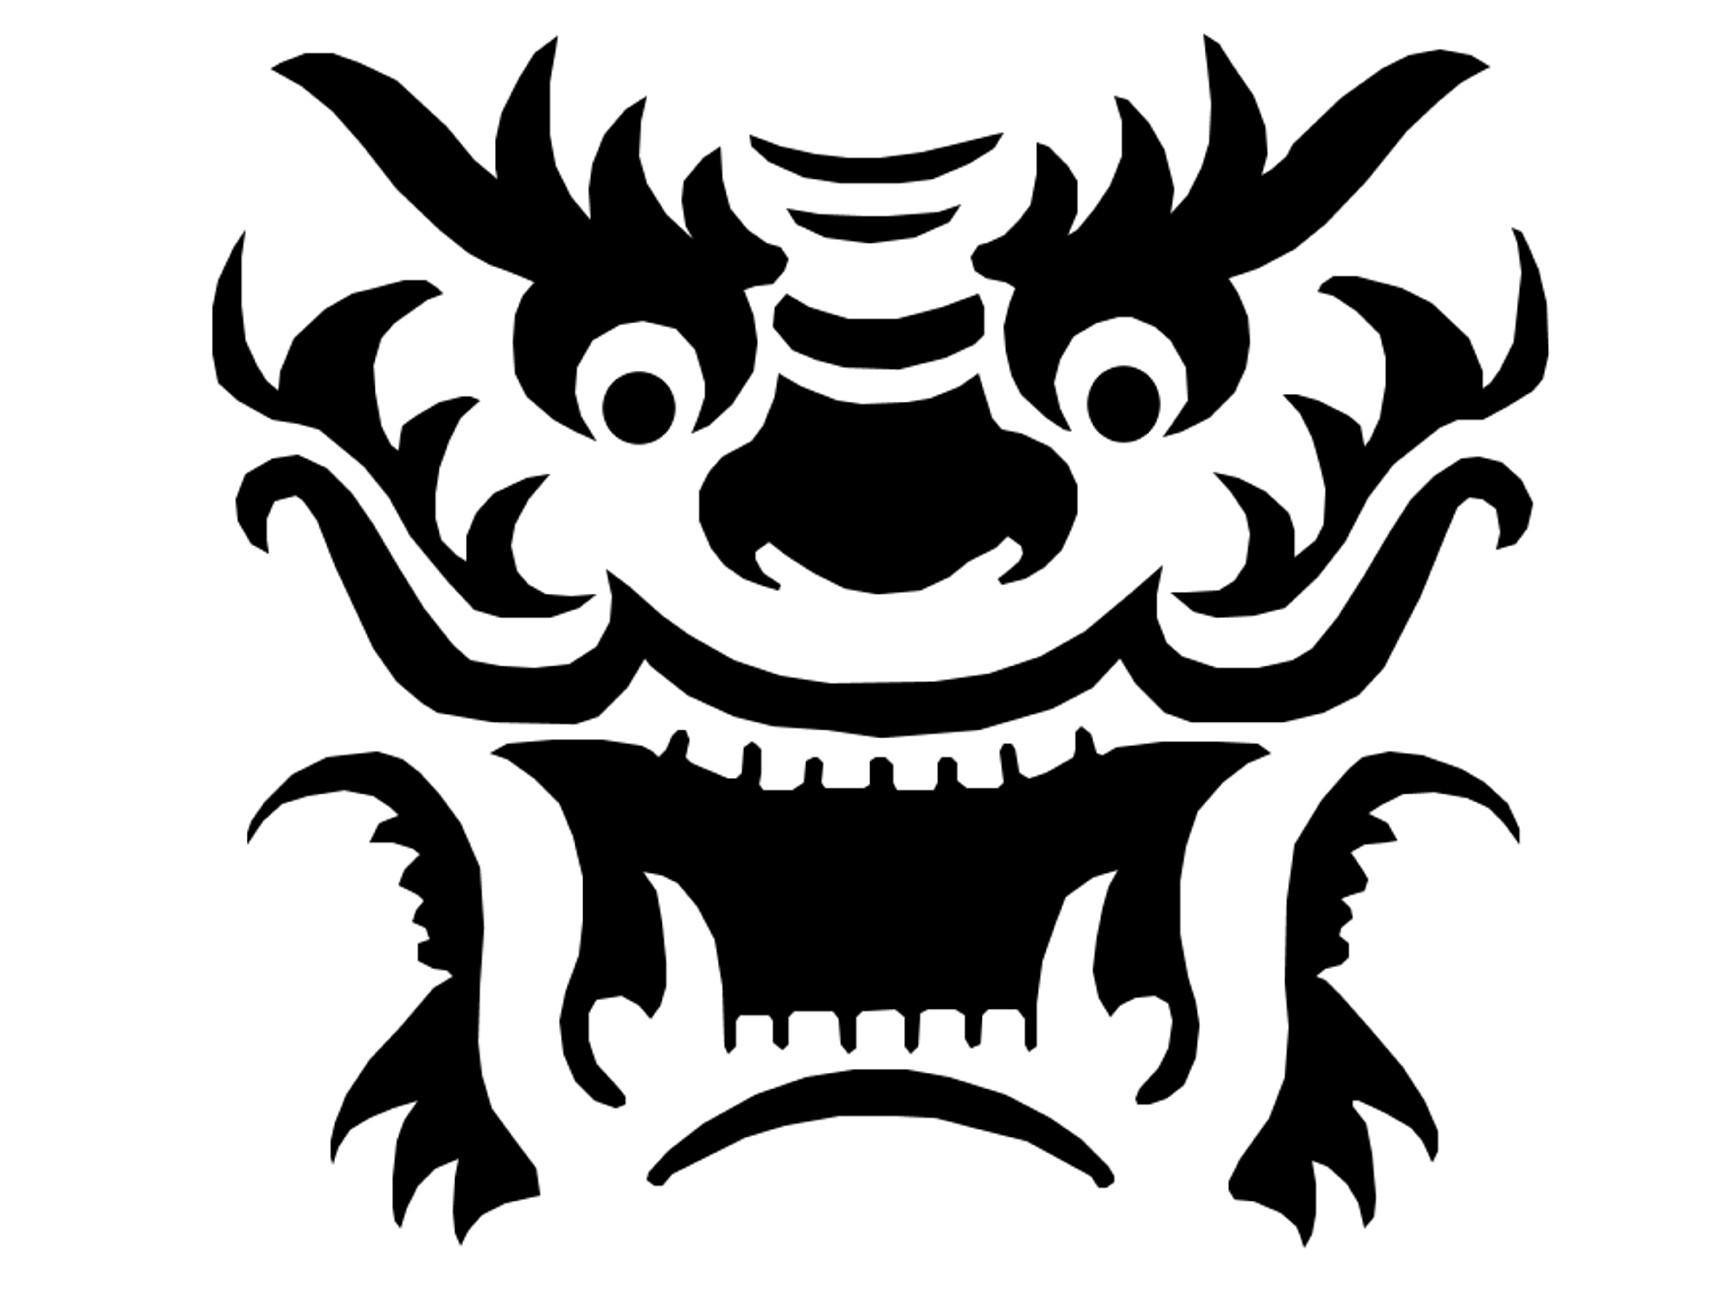 Dragon pattern by pumpkin crazy on deviantart